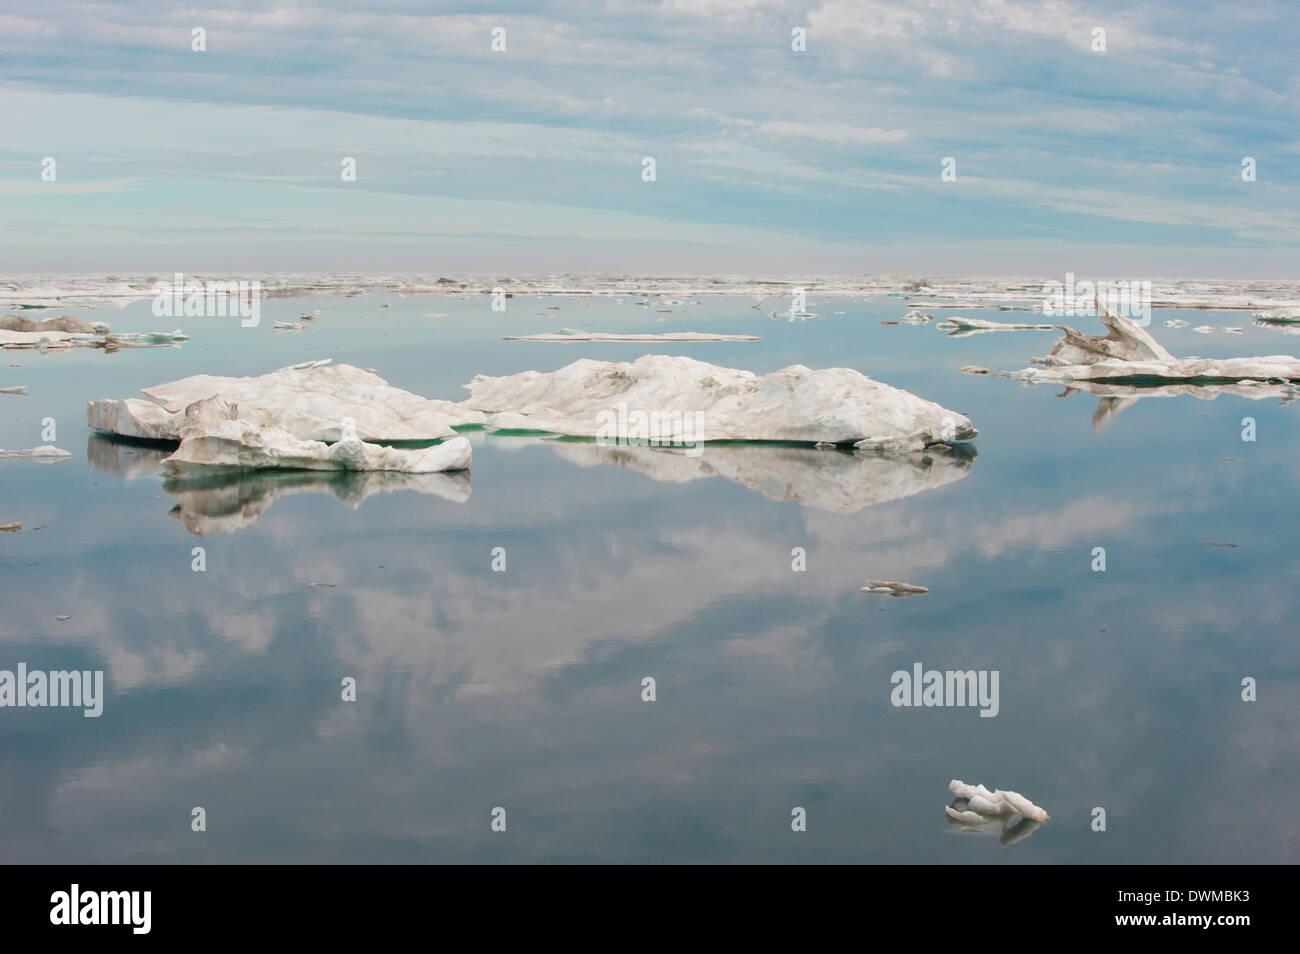 Mar de Chukchi, Lejano Oriente ruso, Eurasia Imagen De Stock